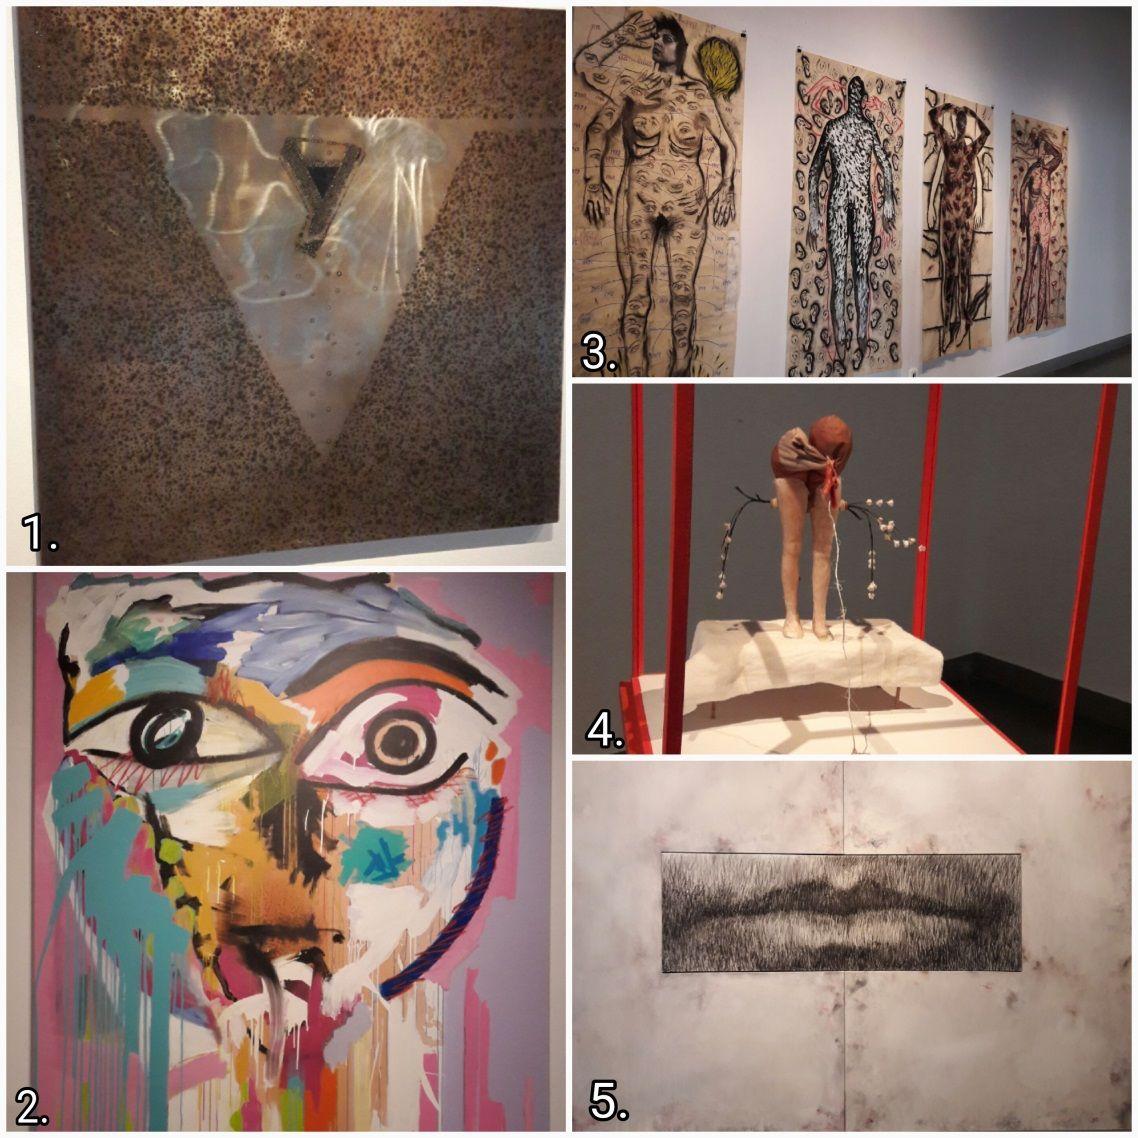 Έκθεση στο Κέντρο Σύγχρονης Τέχνης: «Το δικαίωμα να είσαι άνθρωπος»